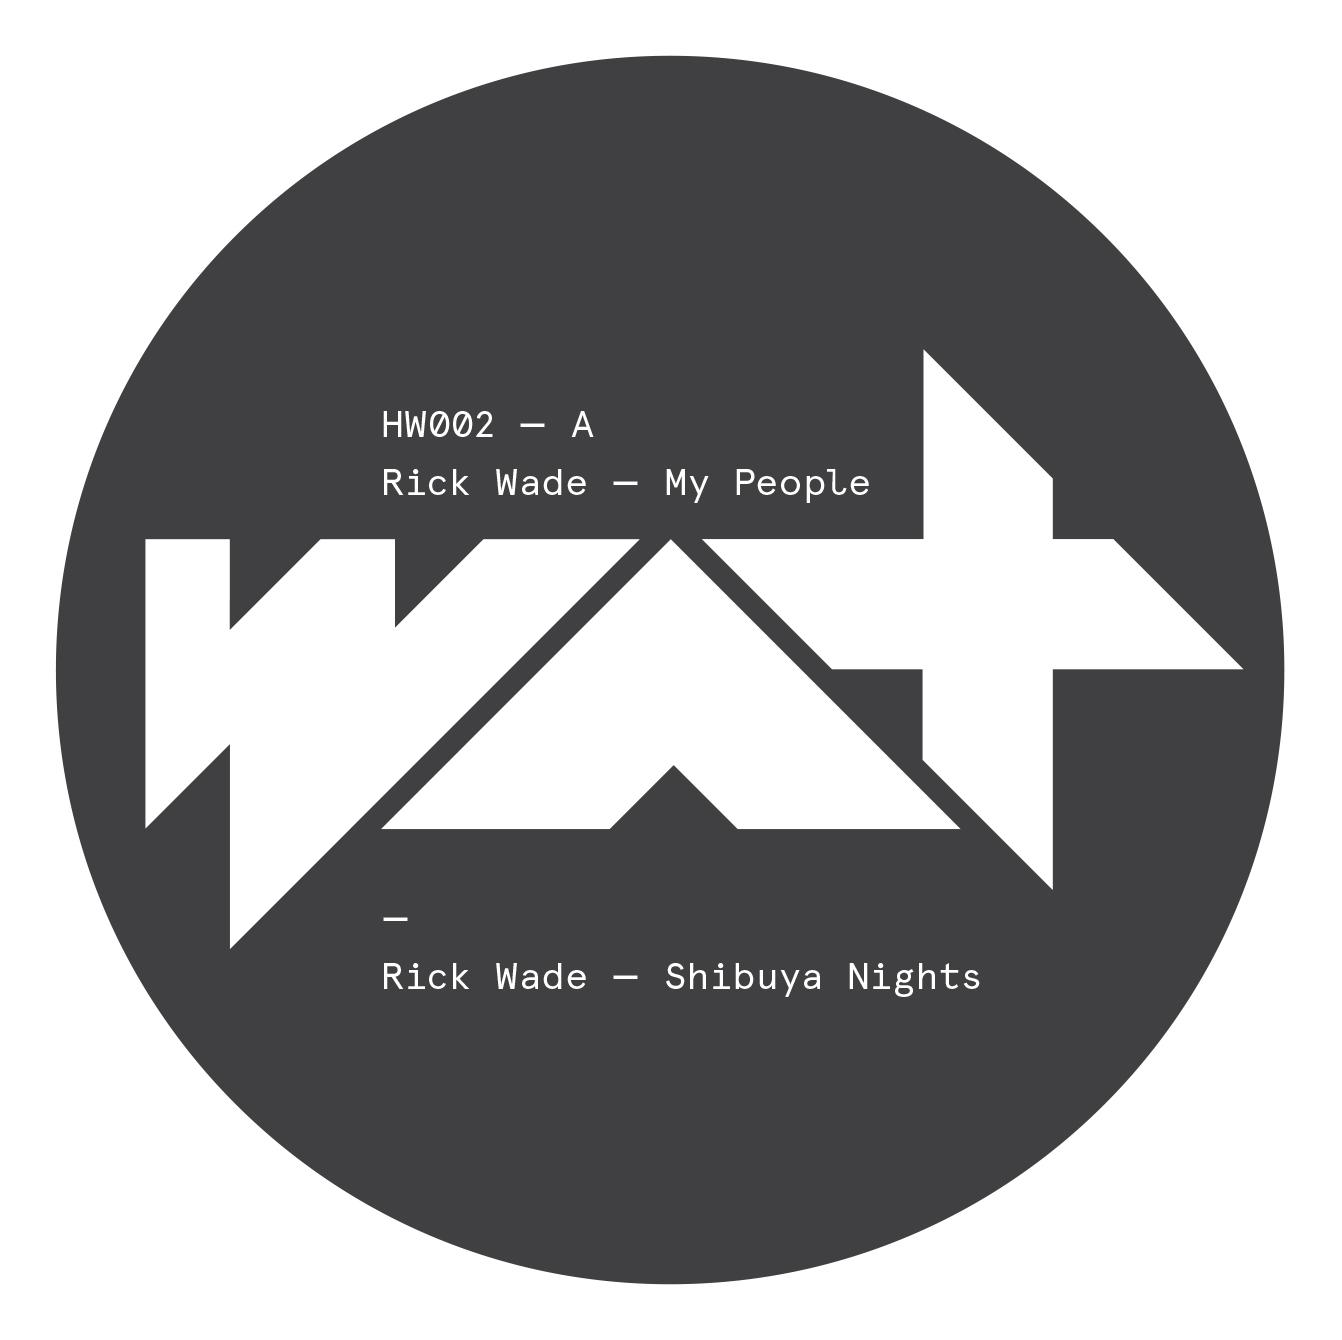 Rick Wade - My People [HW002]